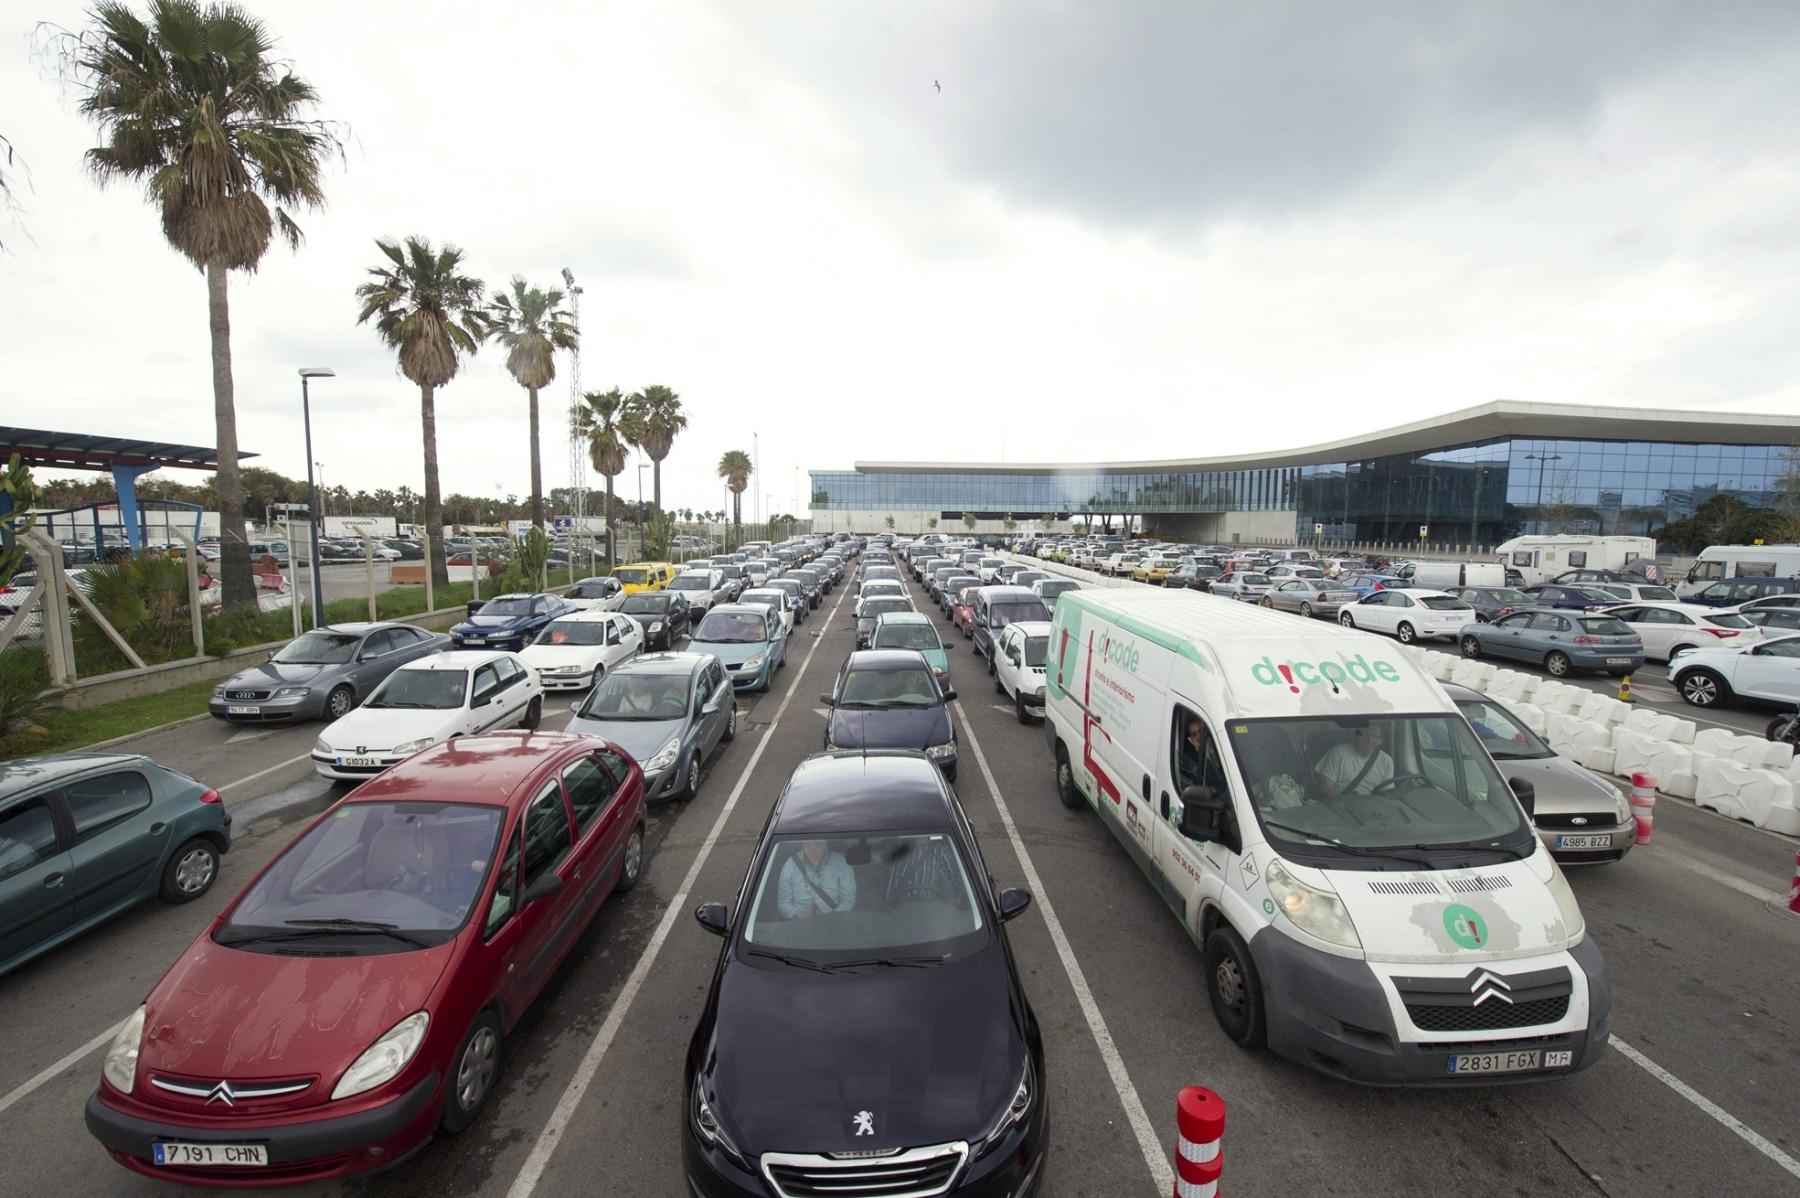 colas-frontera-2-abril-2014-infogibraltar-fotgrafo-marcos-moreno_13598476453_o